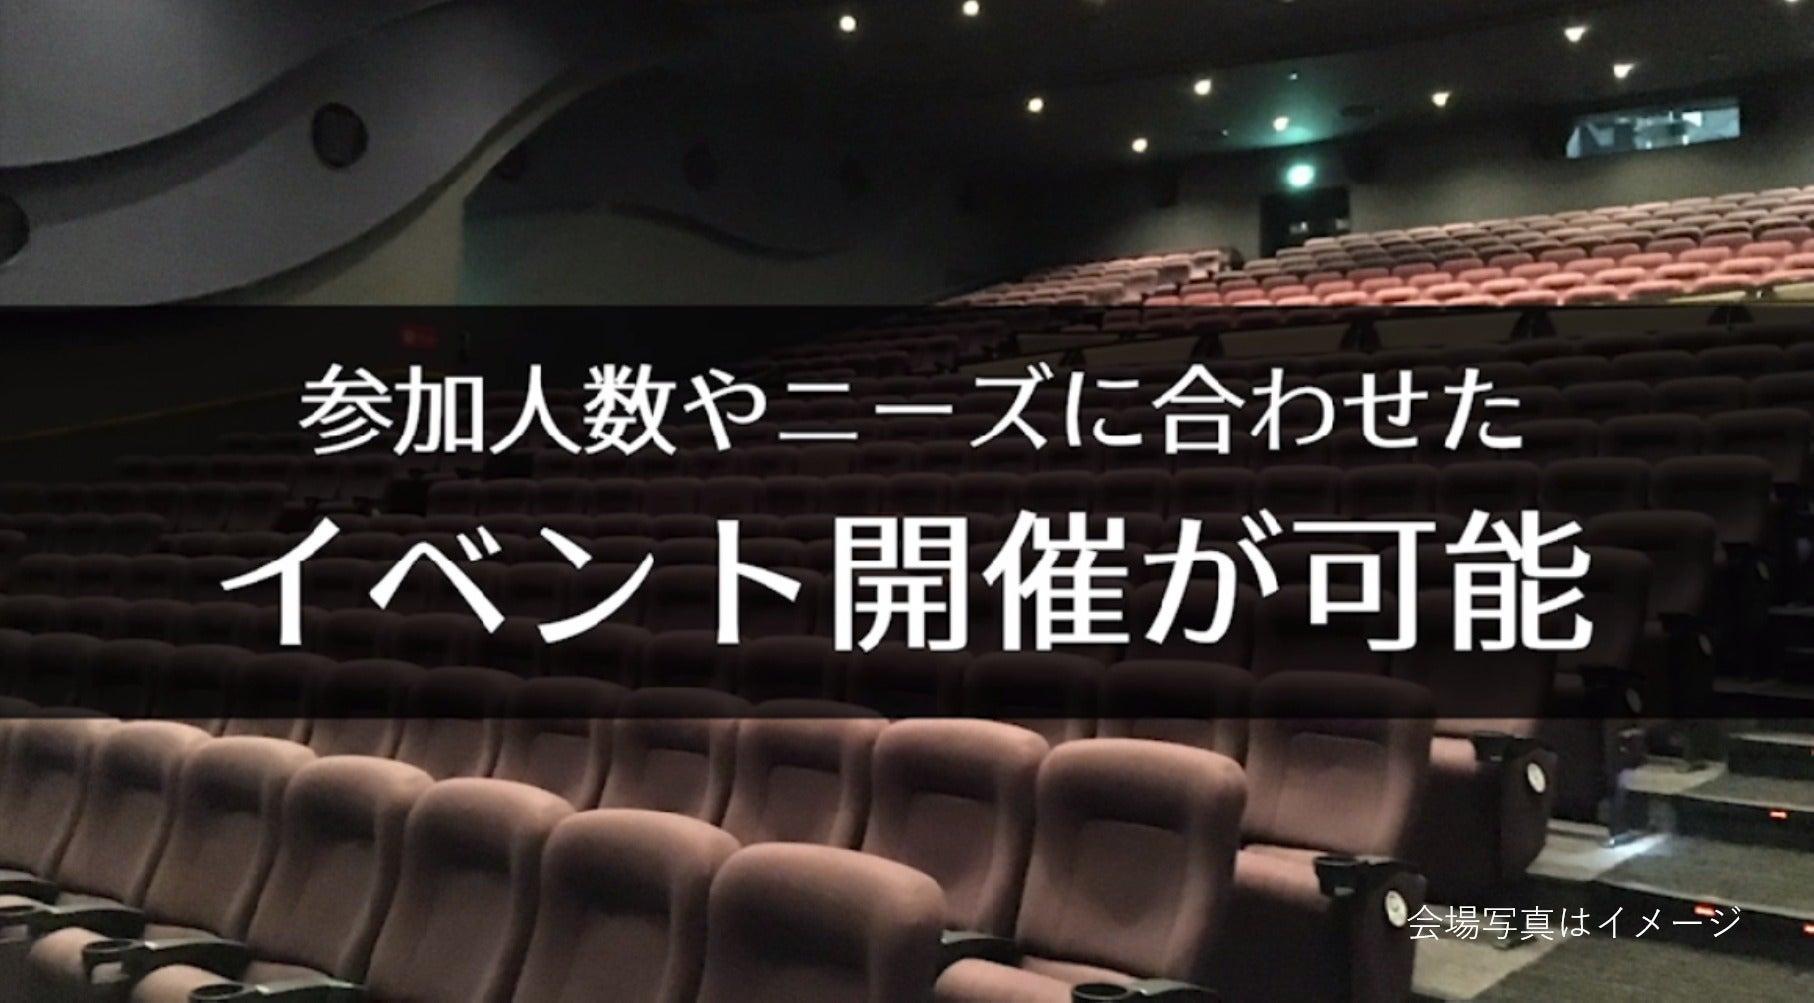 【わかば 146席】映画館で、会社説明会、株主総会、講演会の企画はいかがですか?(ユナイテッド・シネマわかば) の写真0